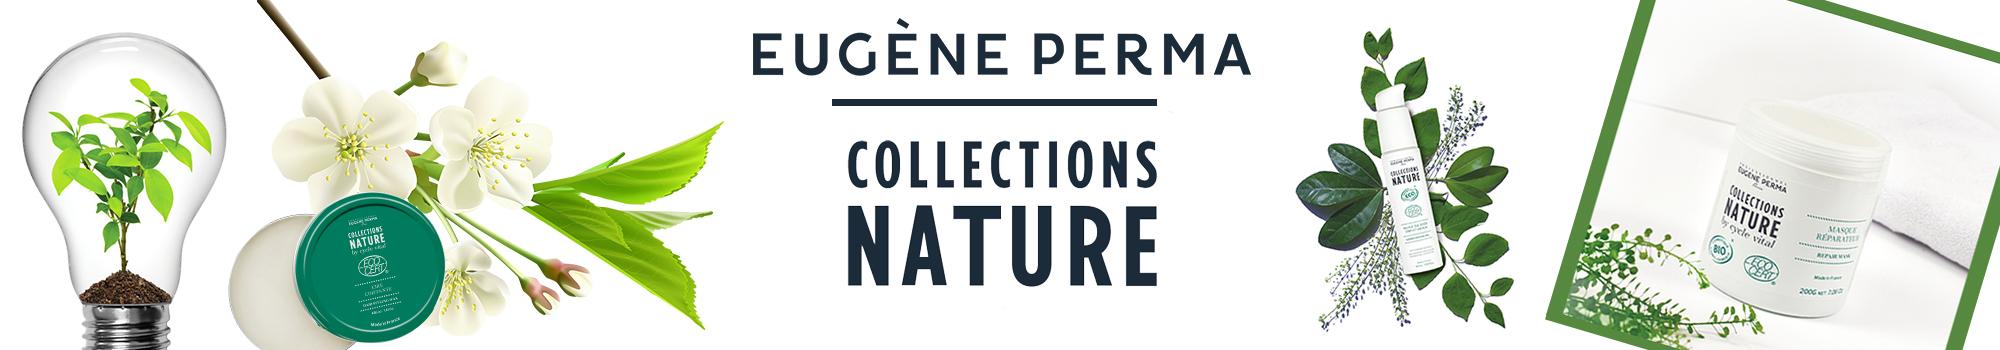 Collections Nature Bio Eugène Perma